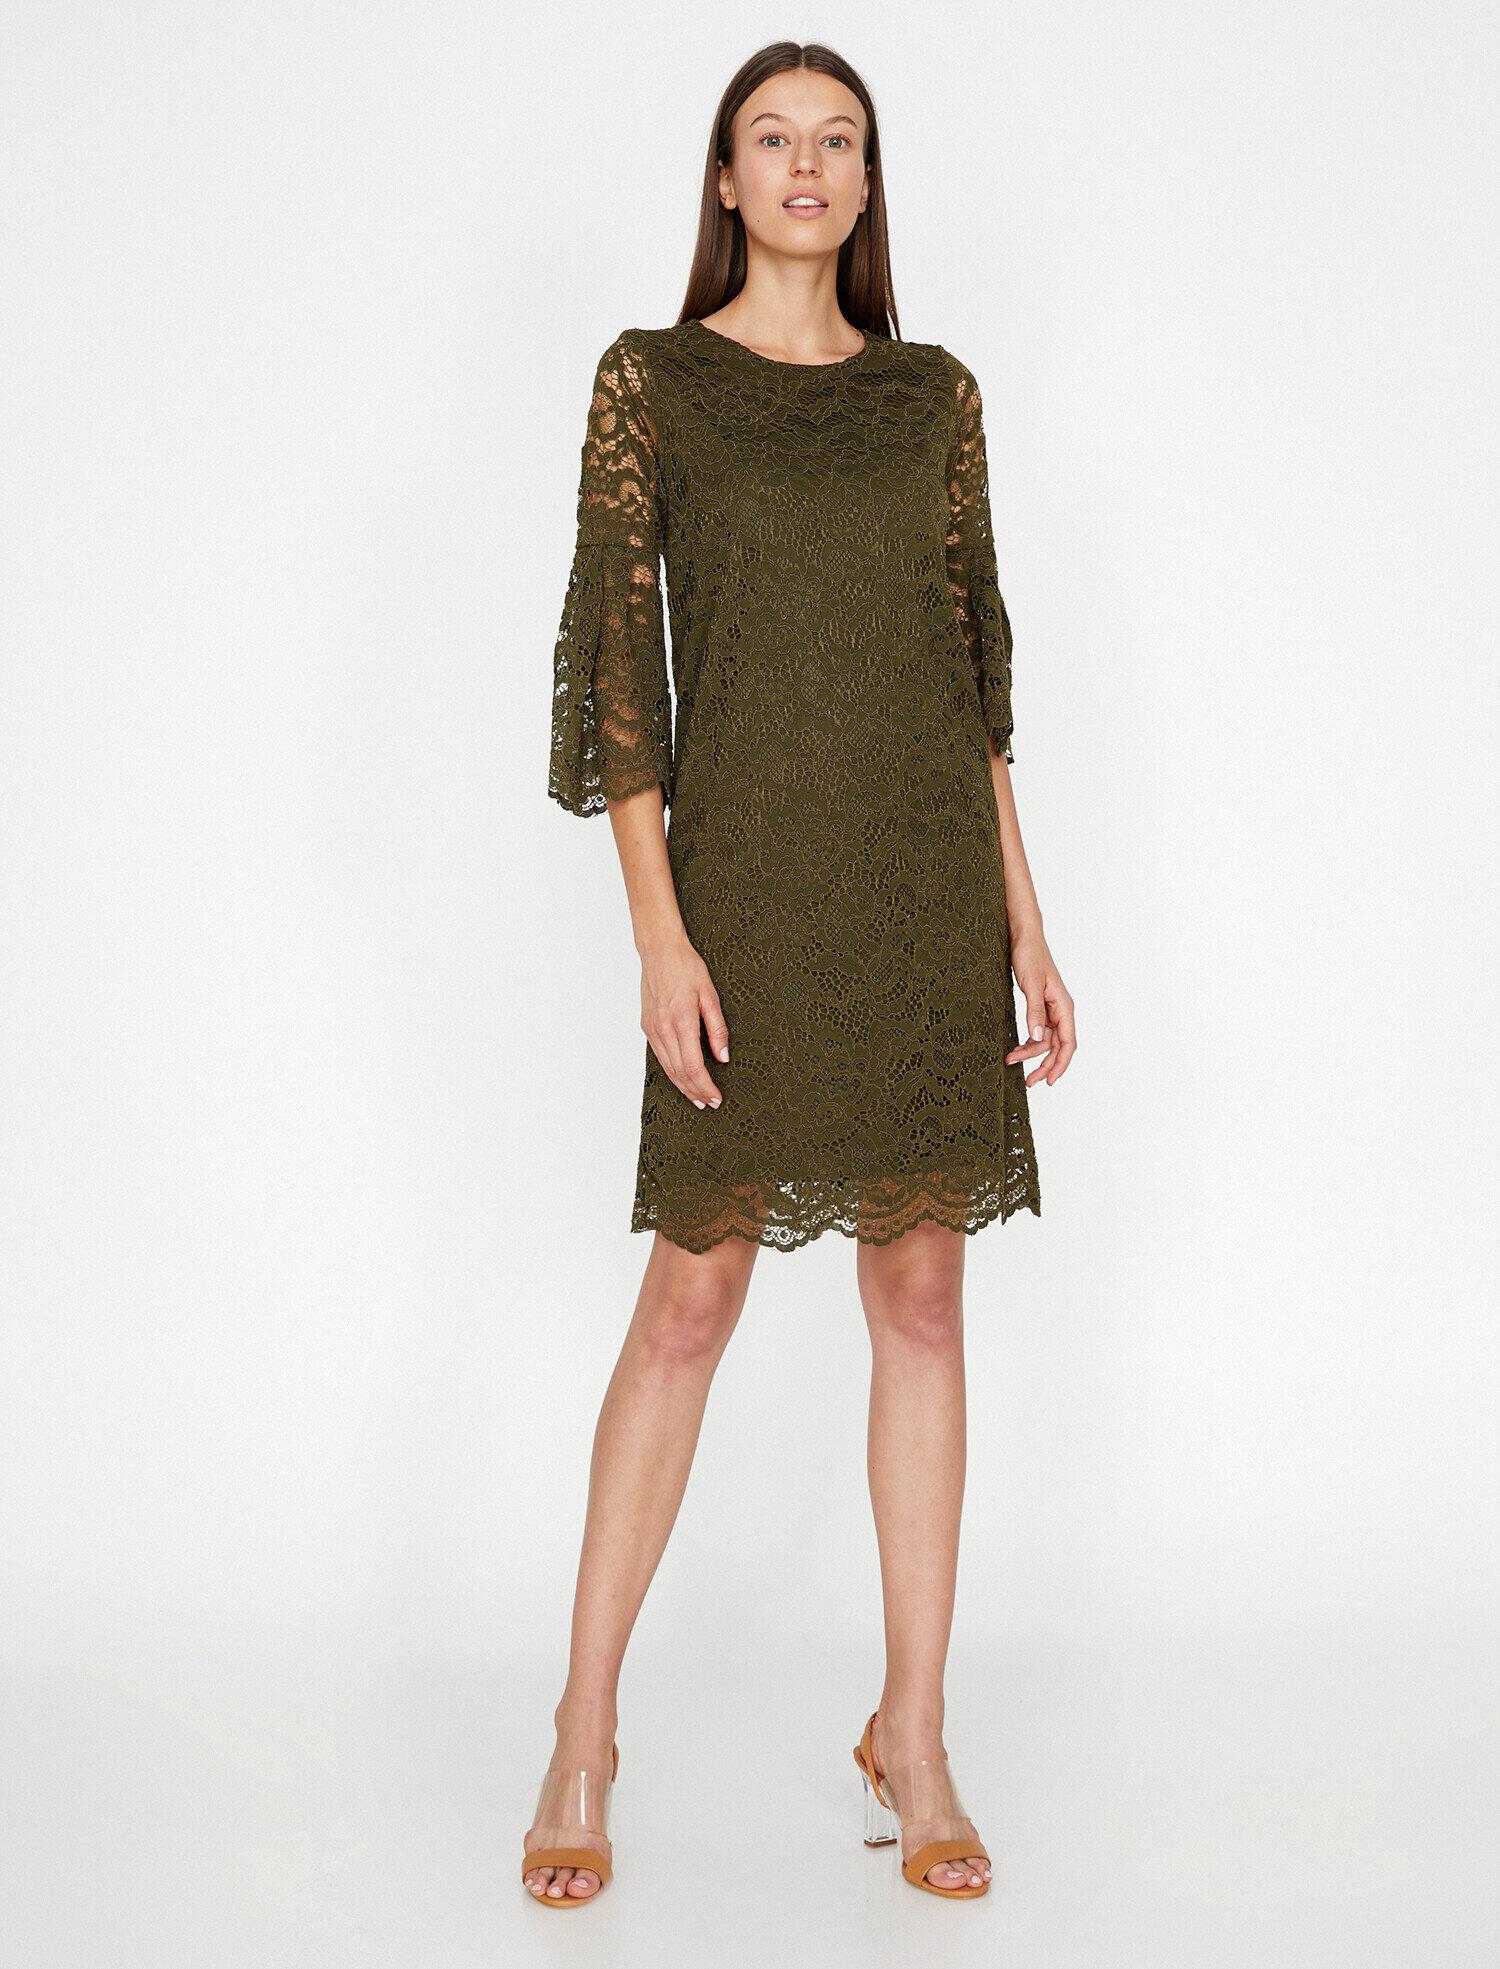 81ec6dd28804 Khaki Women Lace Detailed Dress 9KAK83546EK801